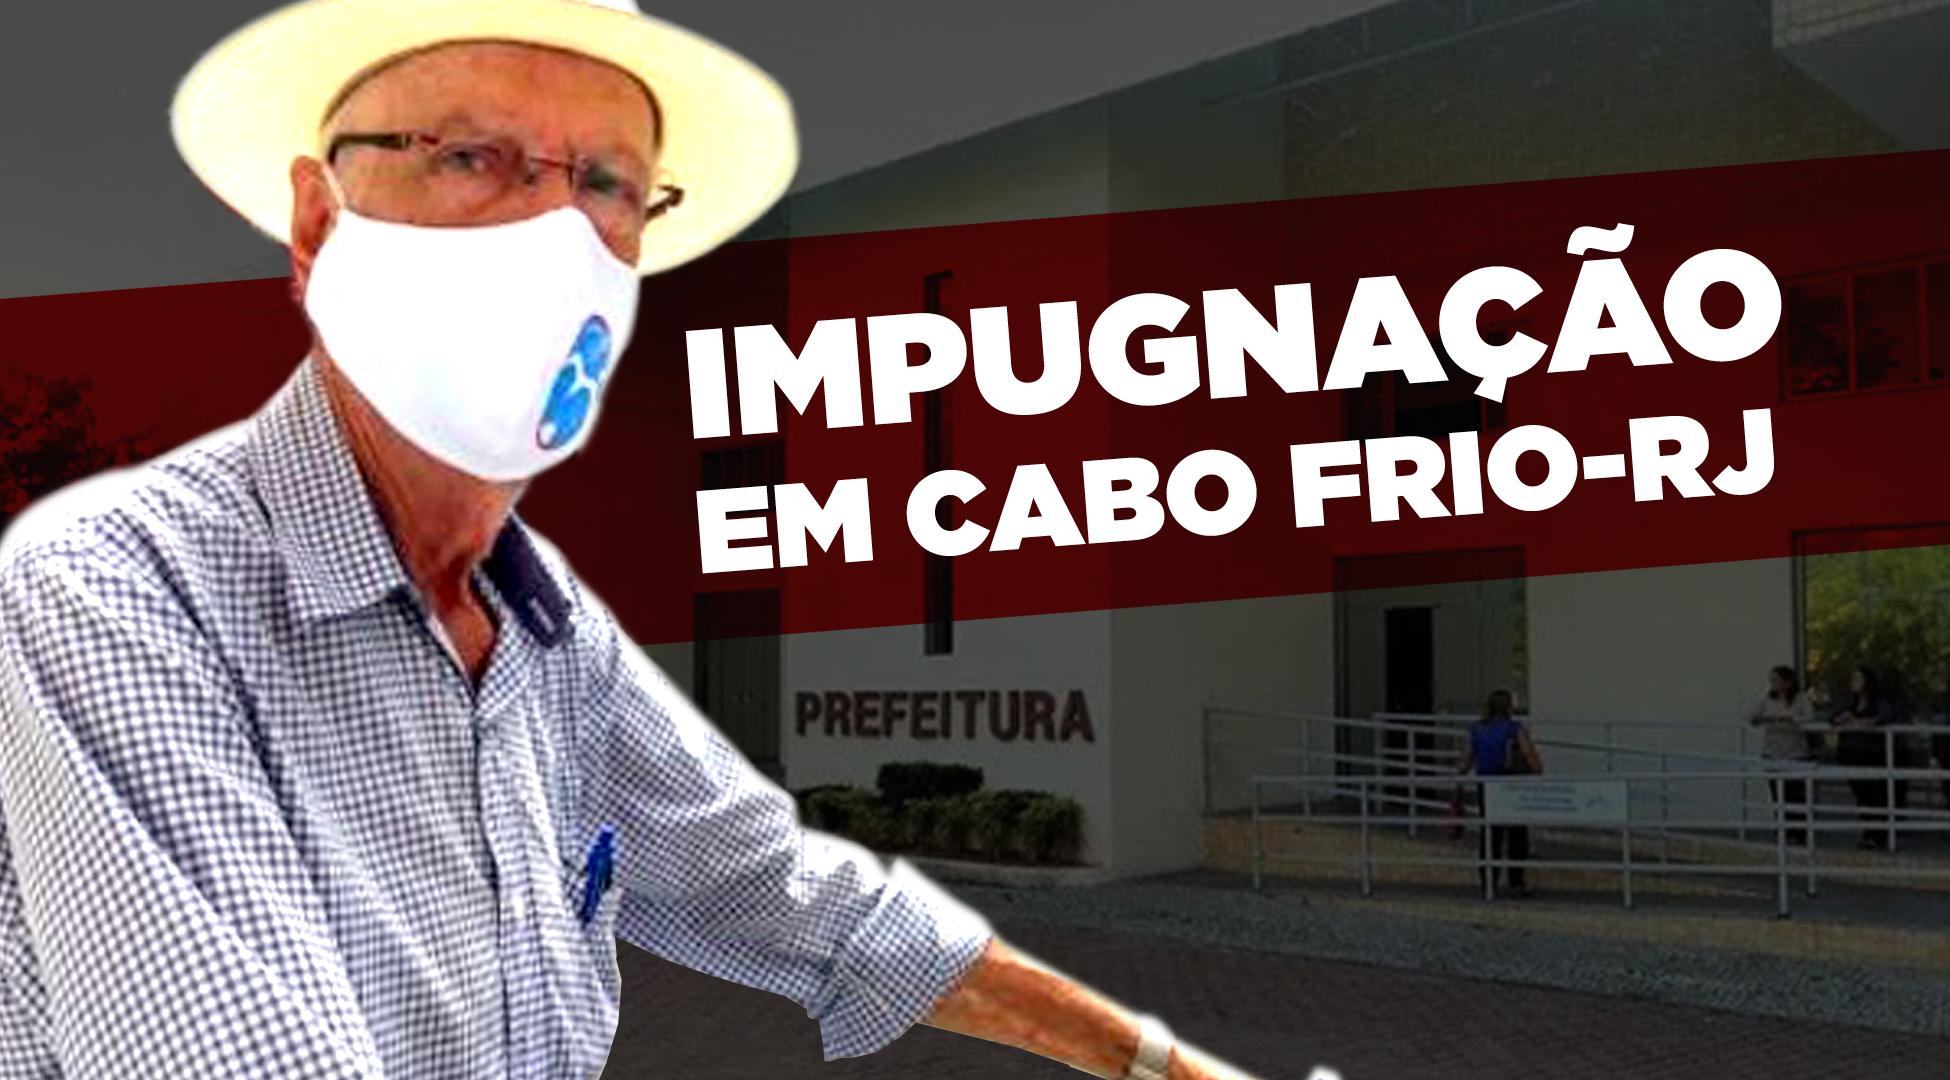 Impugnação de candidatura de José Bonifácio